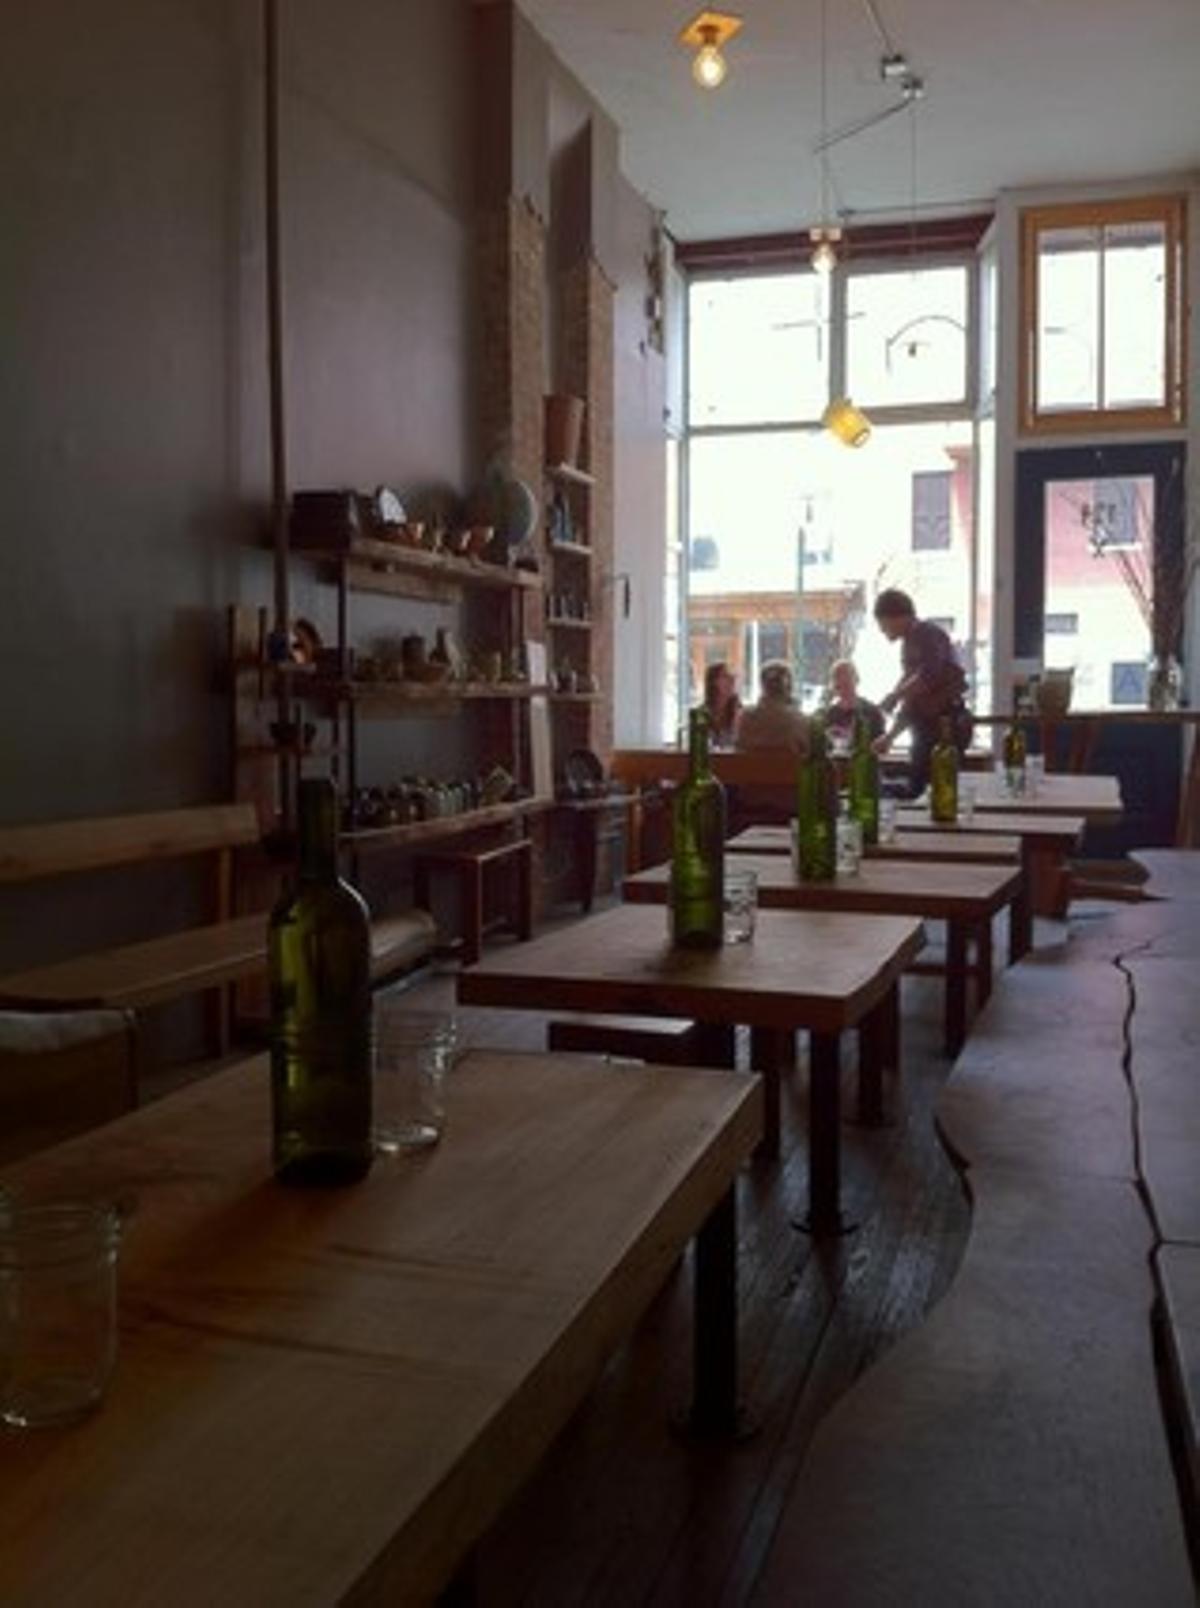 Interior del restaurante Eat, en la zona de Greenpoint, en Brooklyn (Nueva York).